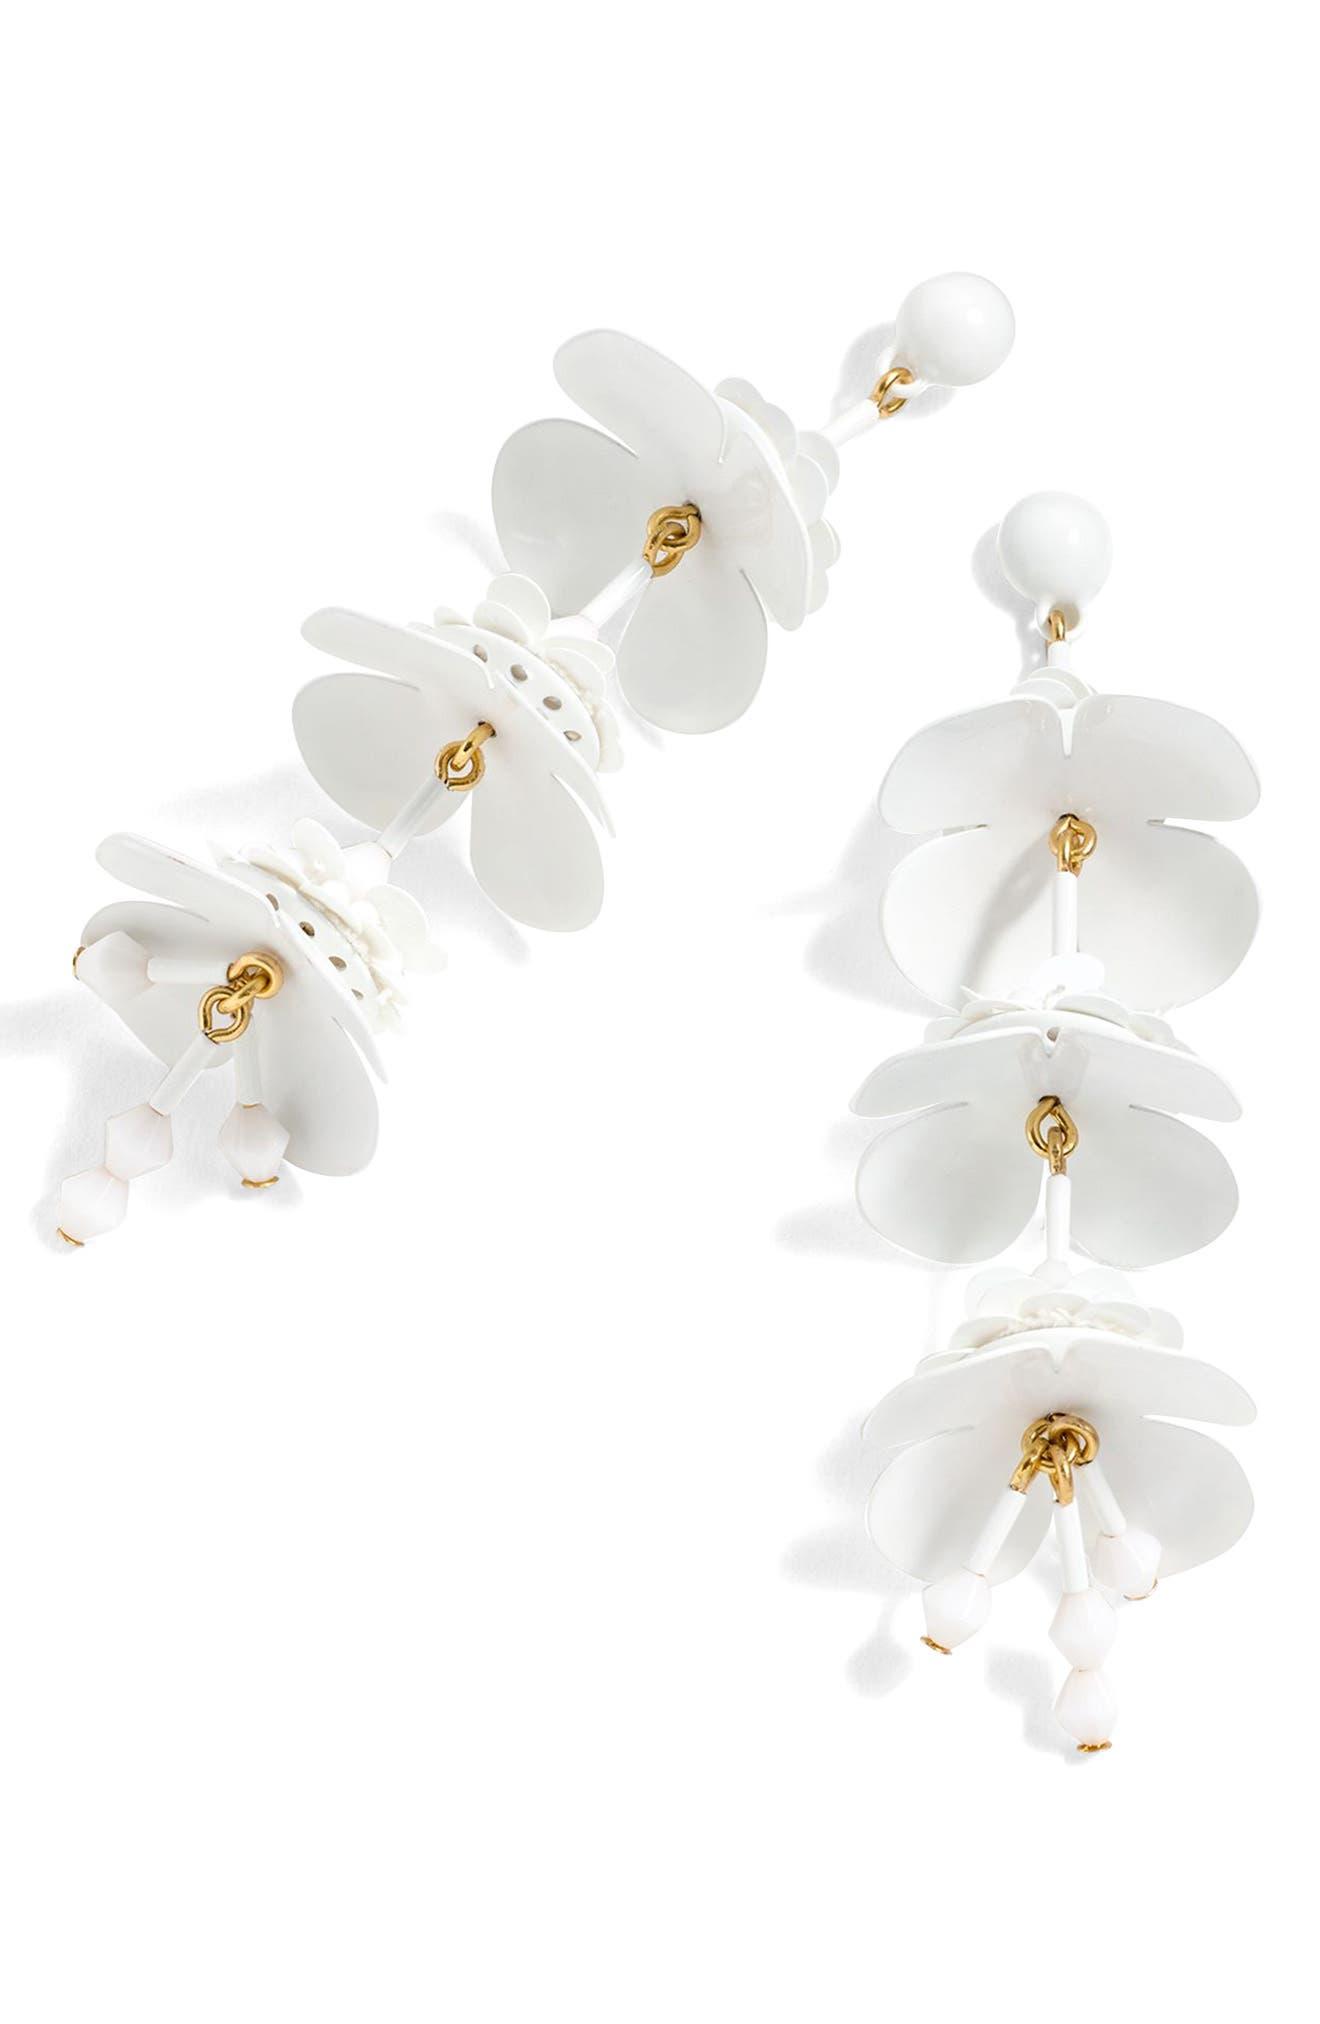 Bead & Blossom Earrings,                             Main thumbnail 1, color,                             100